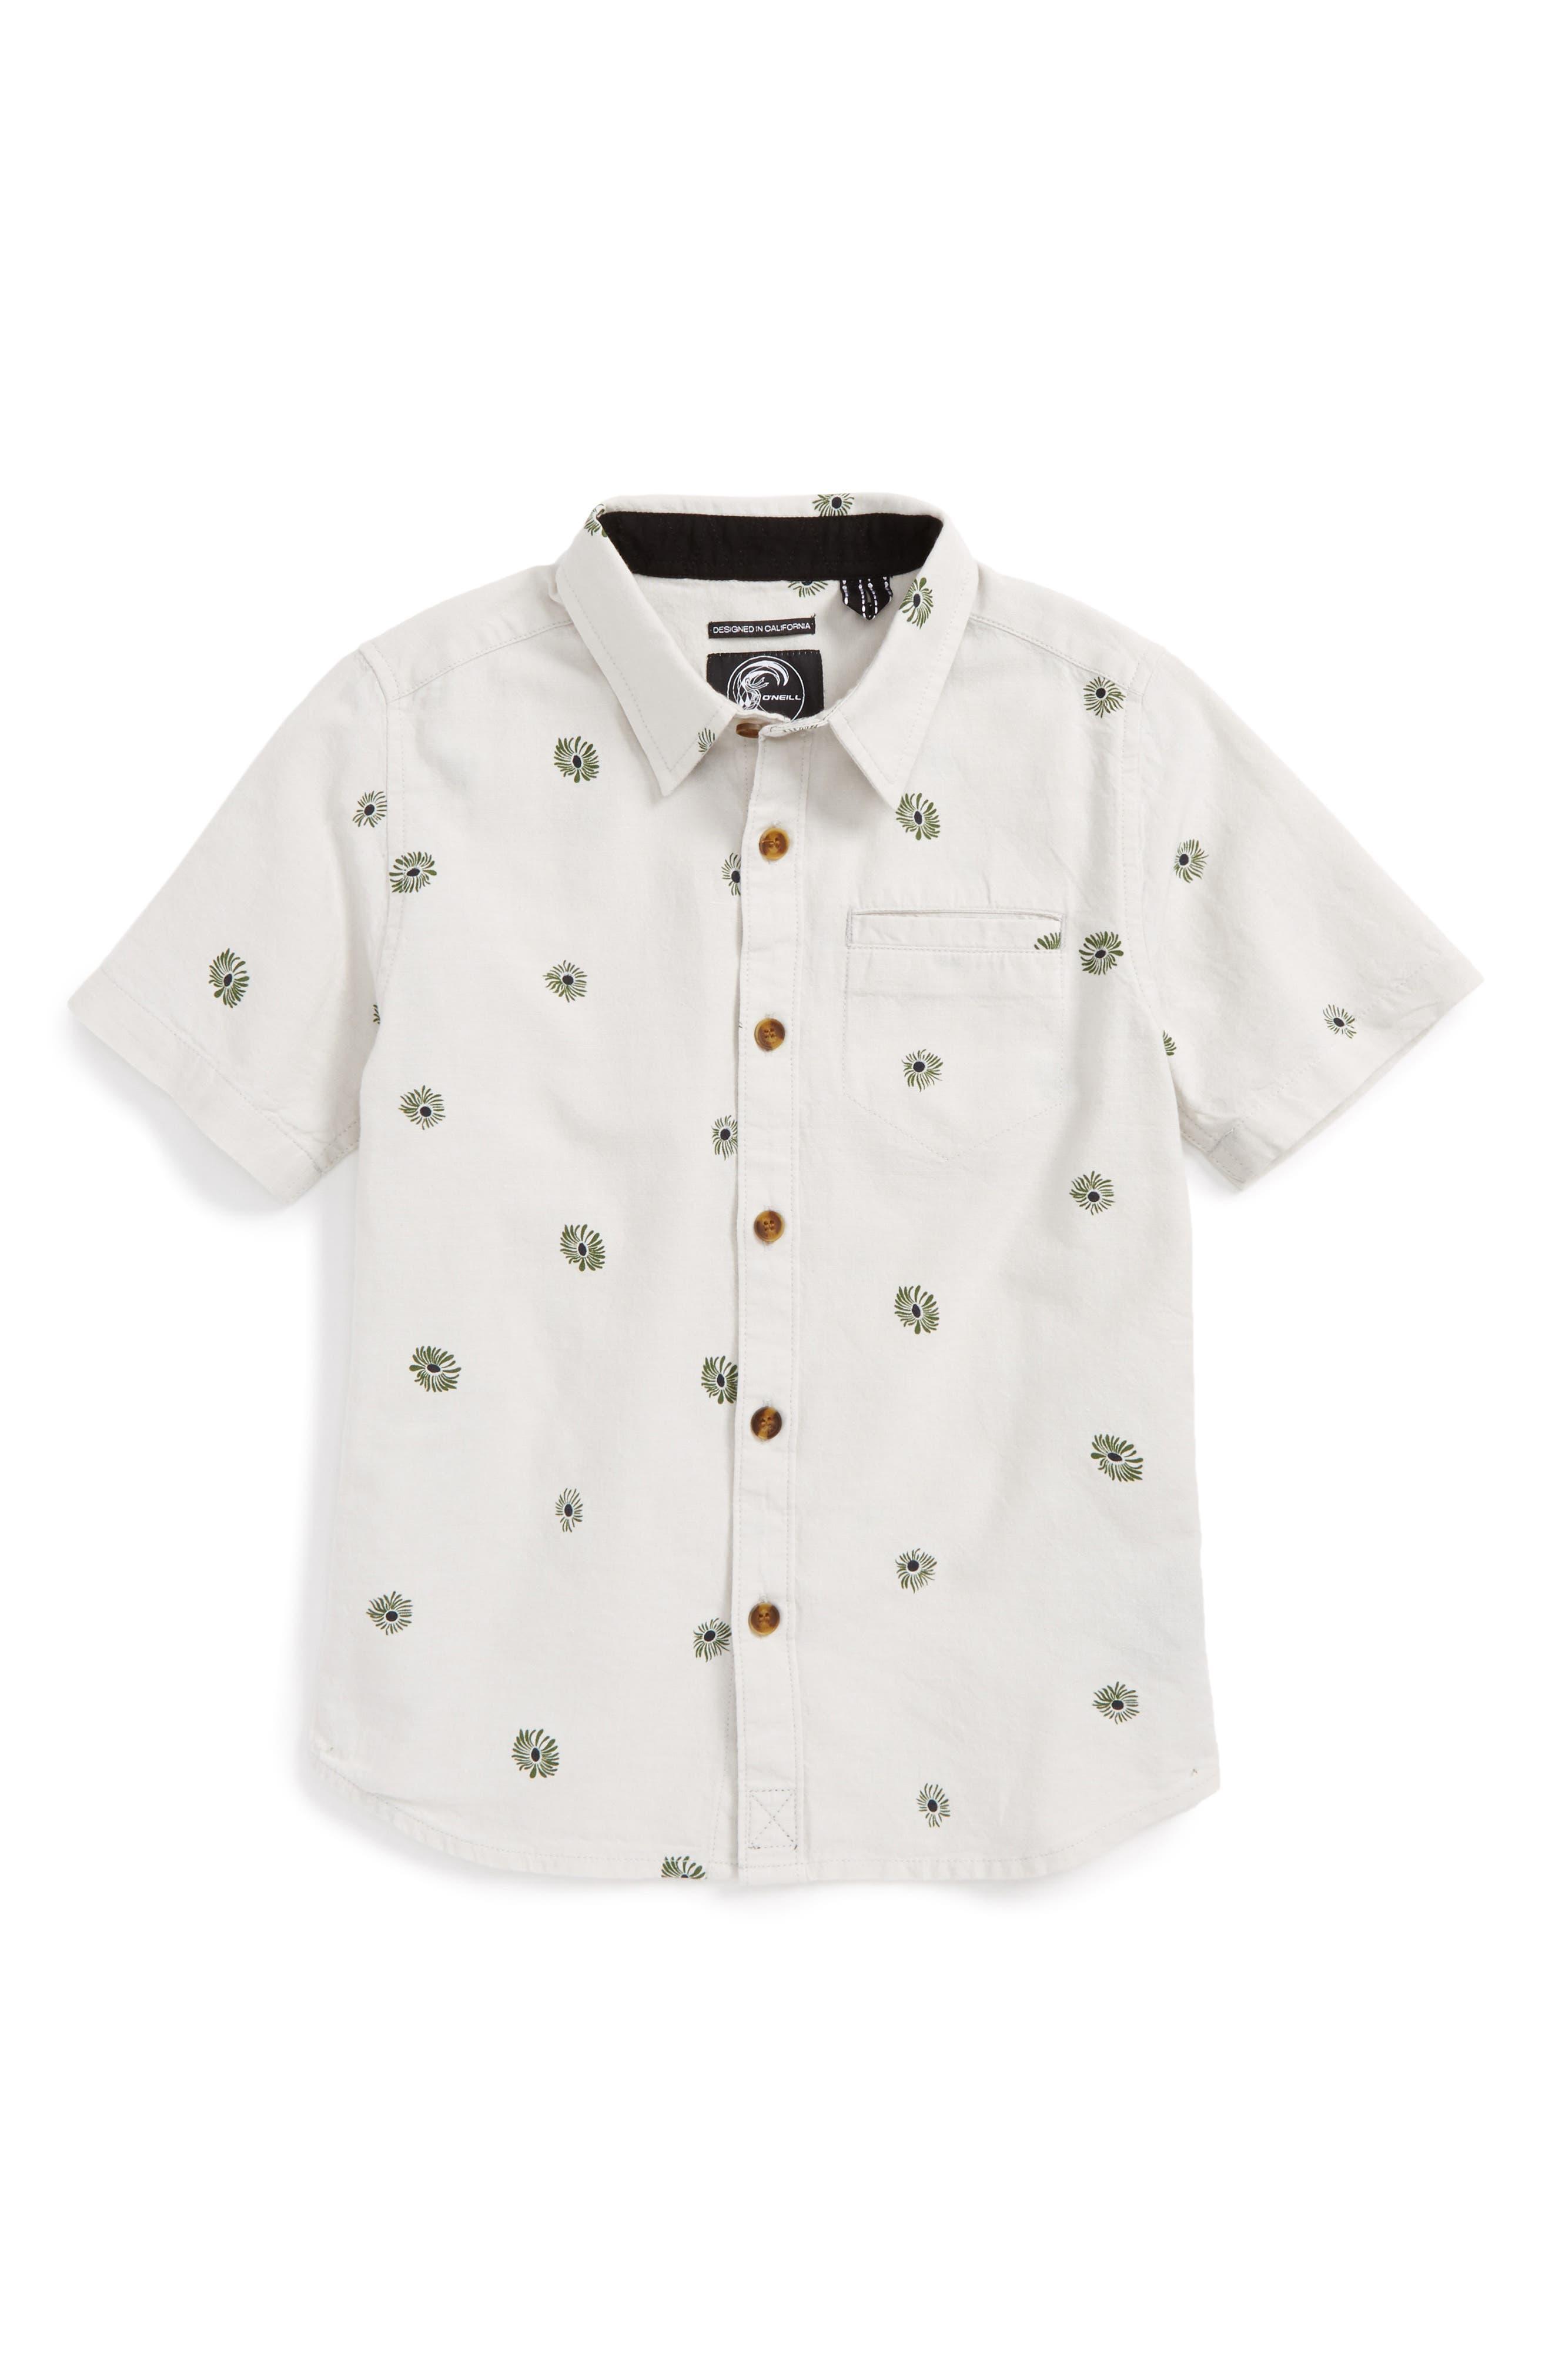 O'Neill Brees Short Sleeve Woven Shirt (Little Boys)